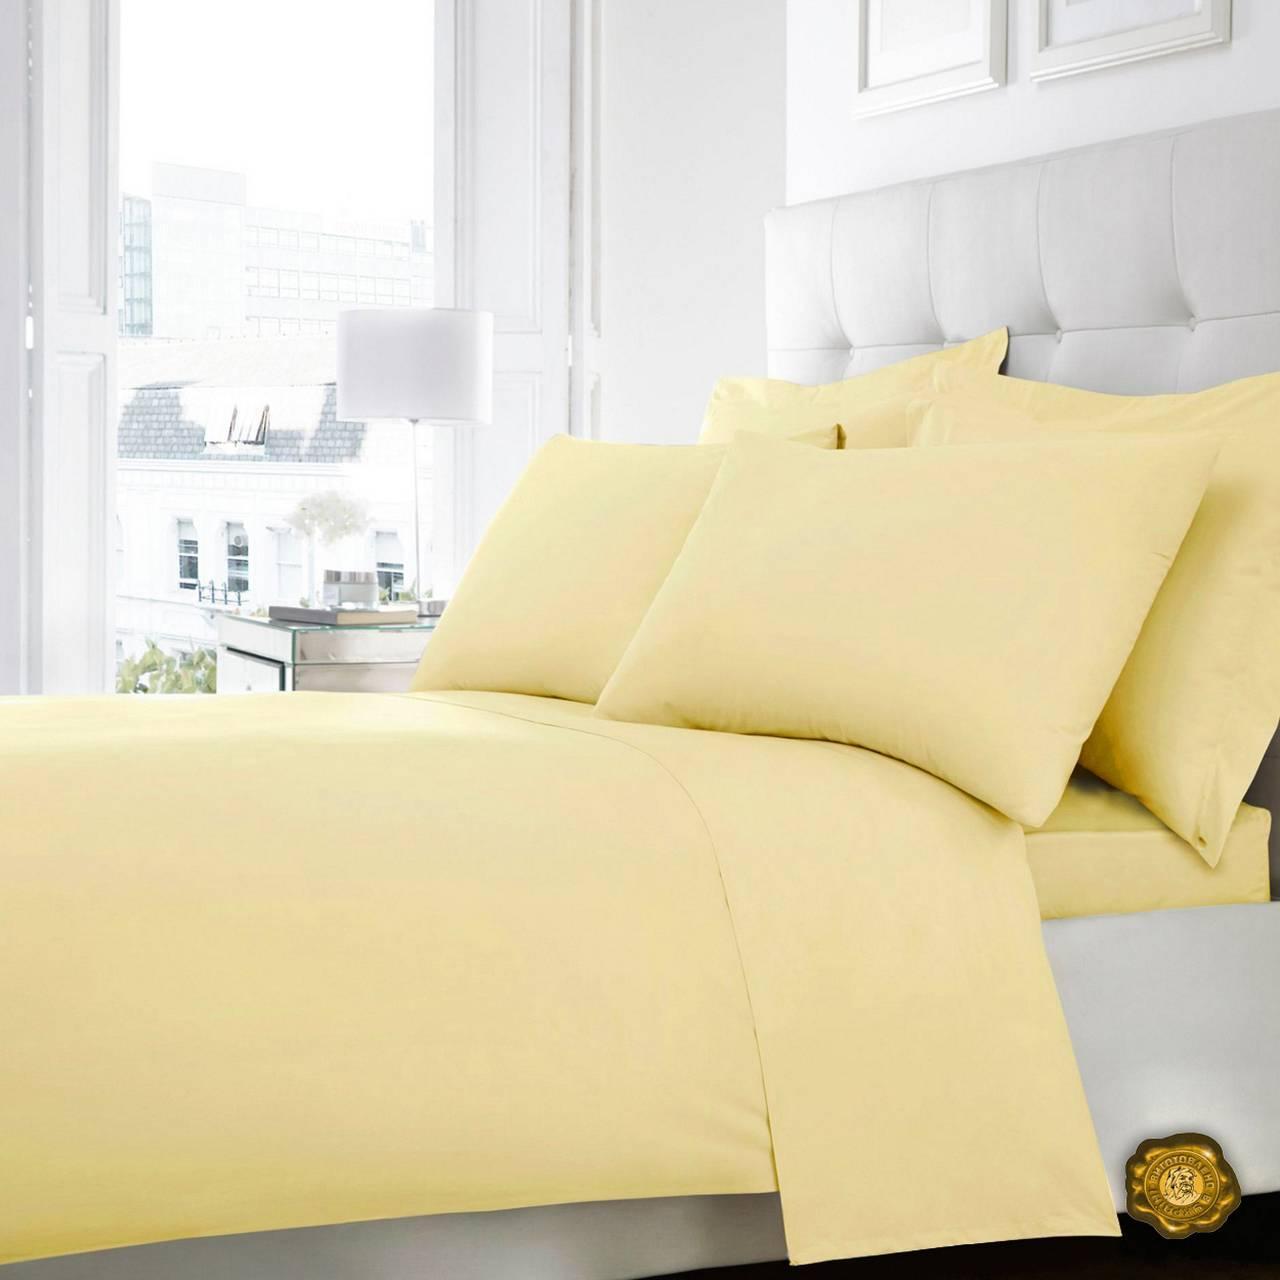 Комплект постельного белья Двуспальный, Бязь-100% хлопок (2-х сп.ЕВ0008)